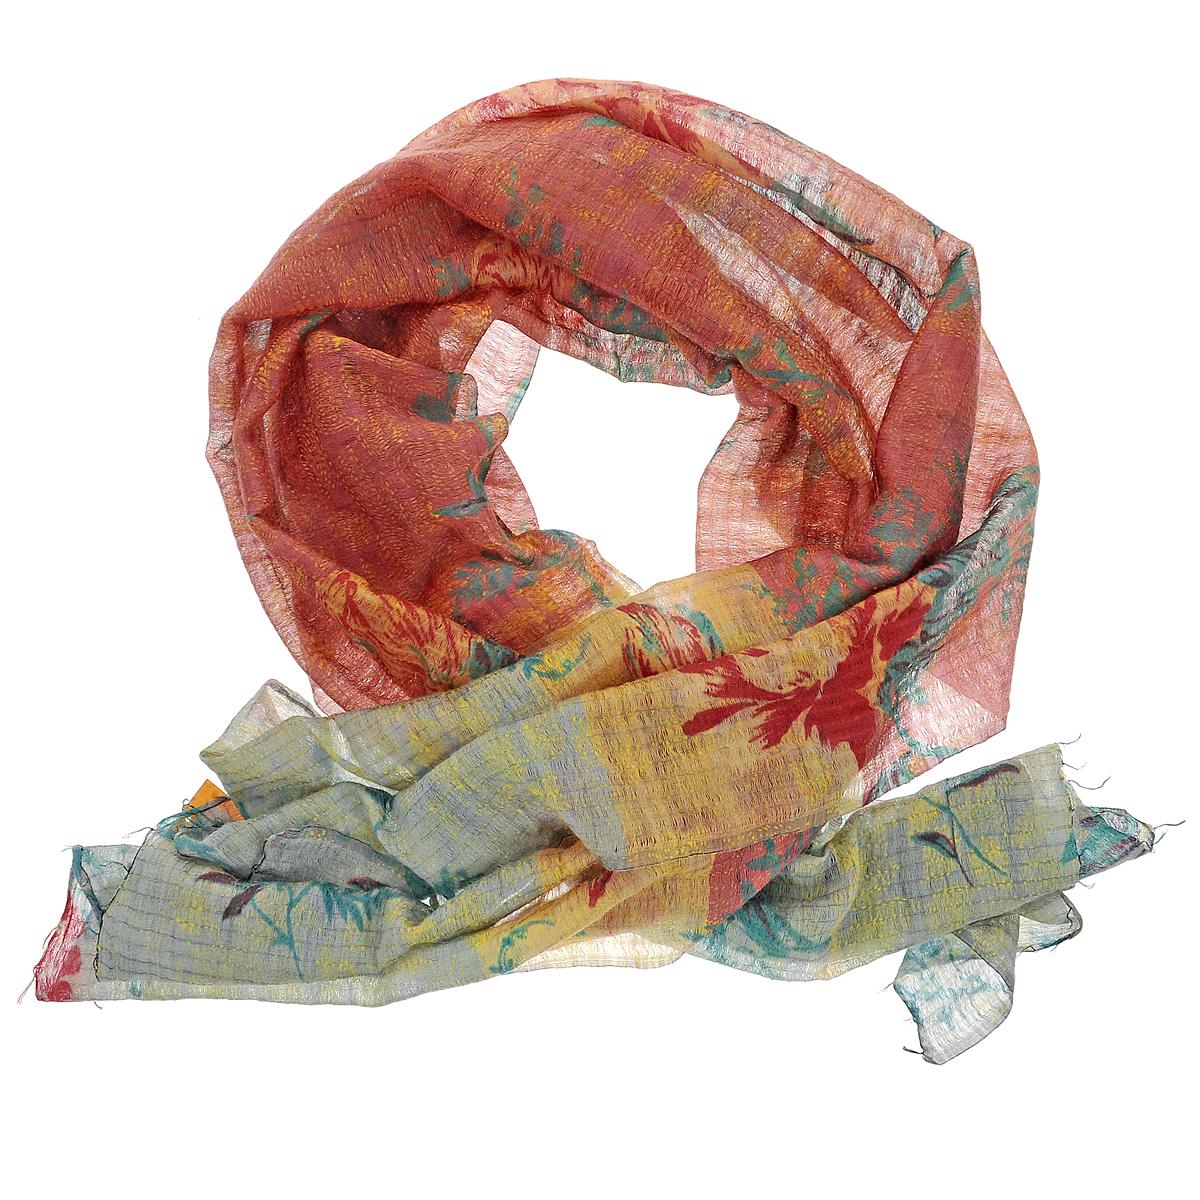 Палантин Michel Katana, цвет: зеленый, красный. SW-KANTHA/PINK. Размер 80 см x 180 смSW-KANTHA/PINKСтильный палантин Michel Katana согреет в холодное время года, а также станет изысканным аксессуаром, который призван подчеркнуть вашу индивидуальность и стиль. Палантин выполнен из шерсти с добавлением шелка и декорирован цветочным орнаментом. По краям изделие оформлено кисточками.